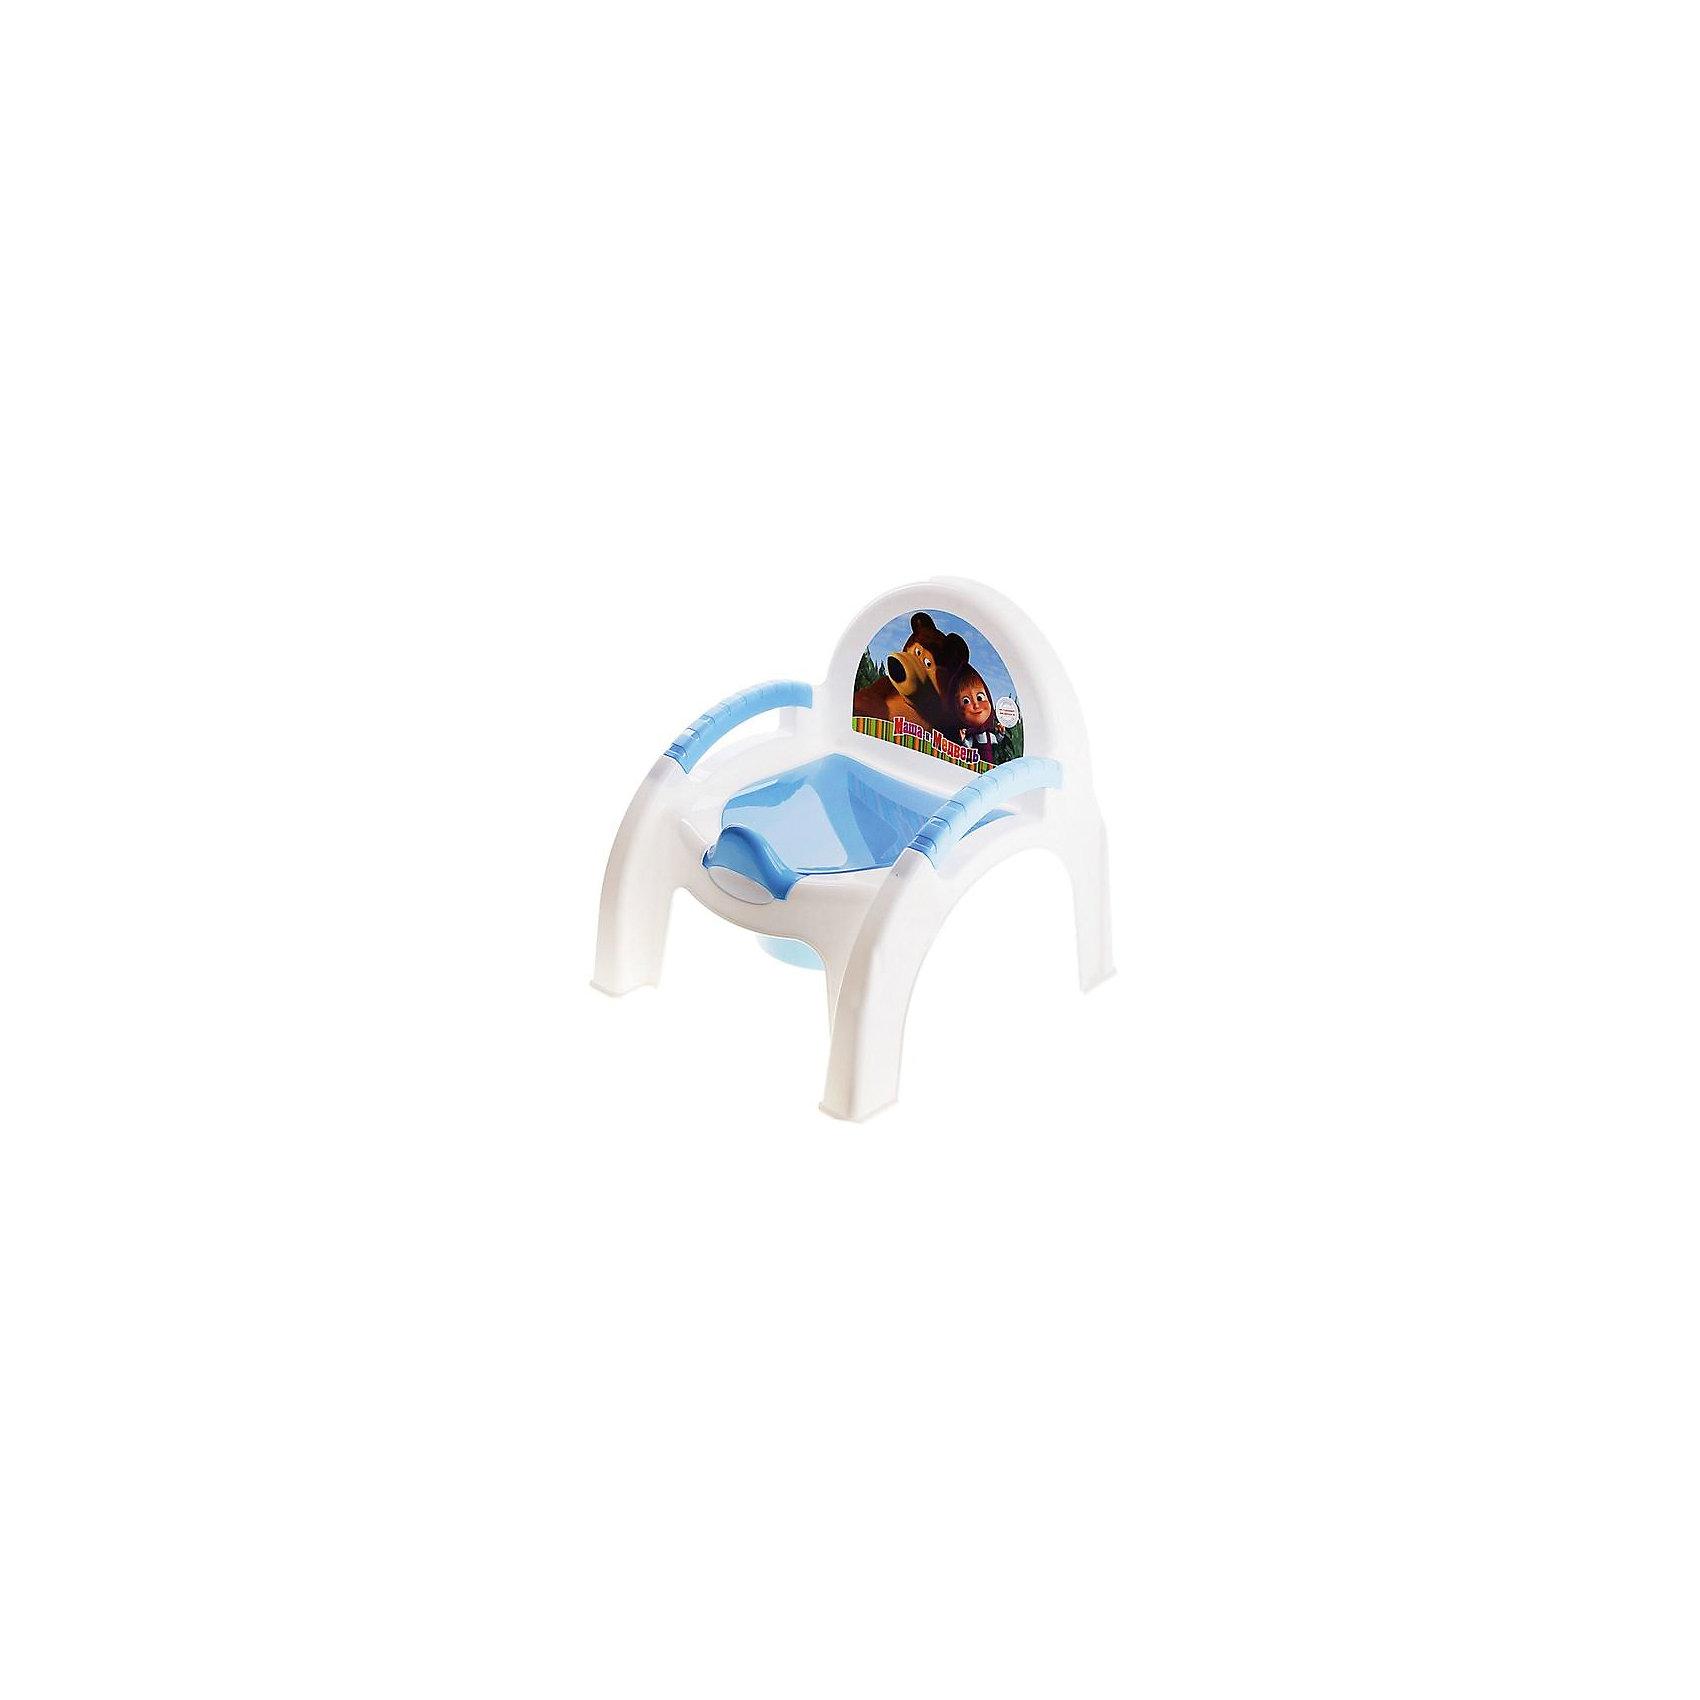 Горшок-стульчик Маша и Медведь, голубой